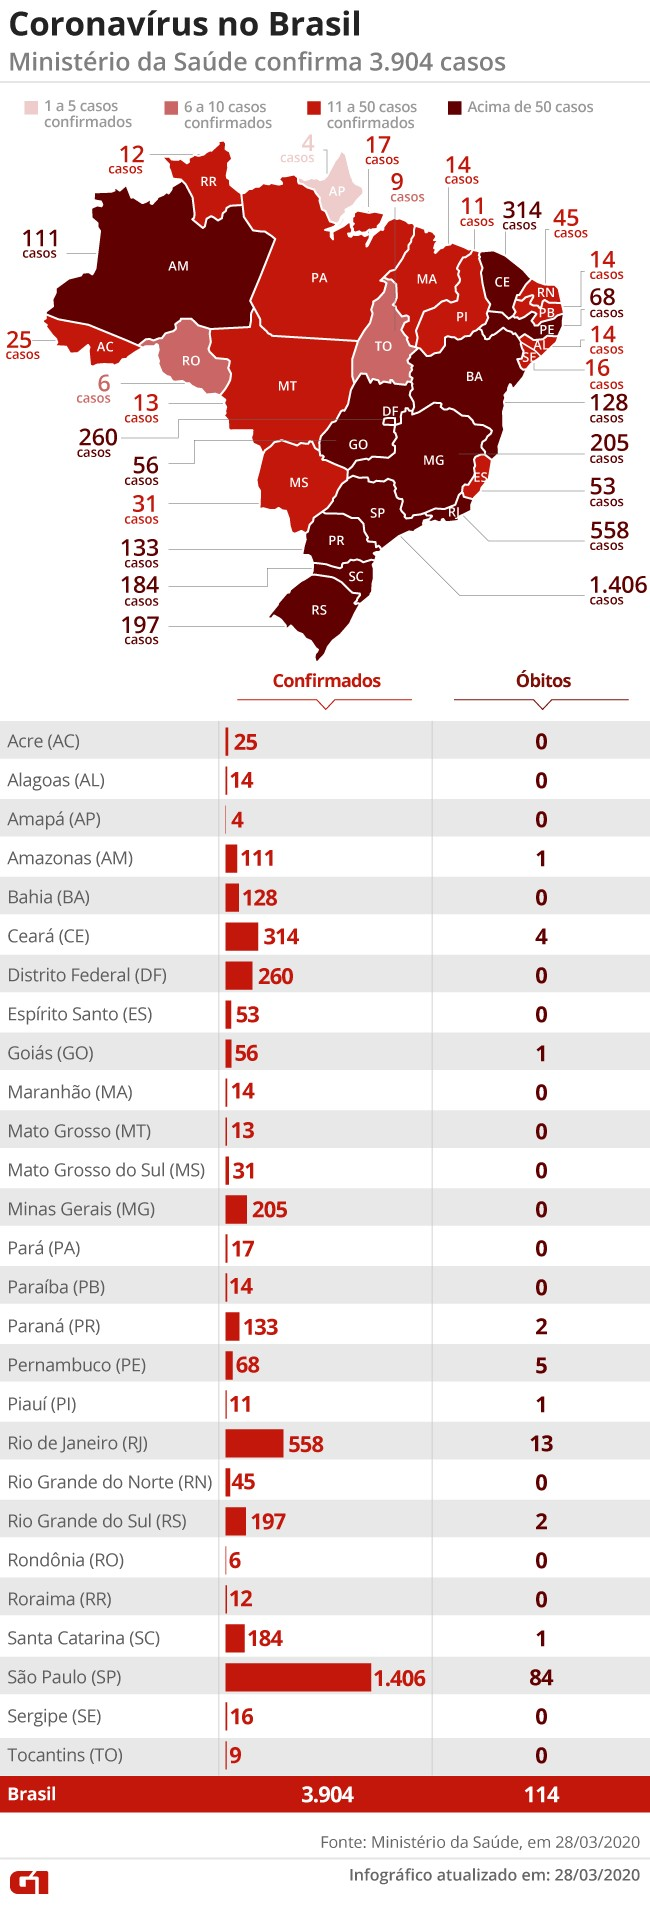 Brasil tem 114 mortes e 3.904 casos confirmados de coronavírus, diz ministério